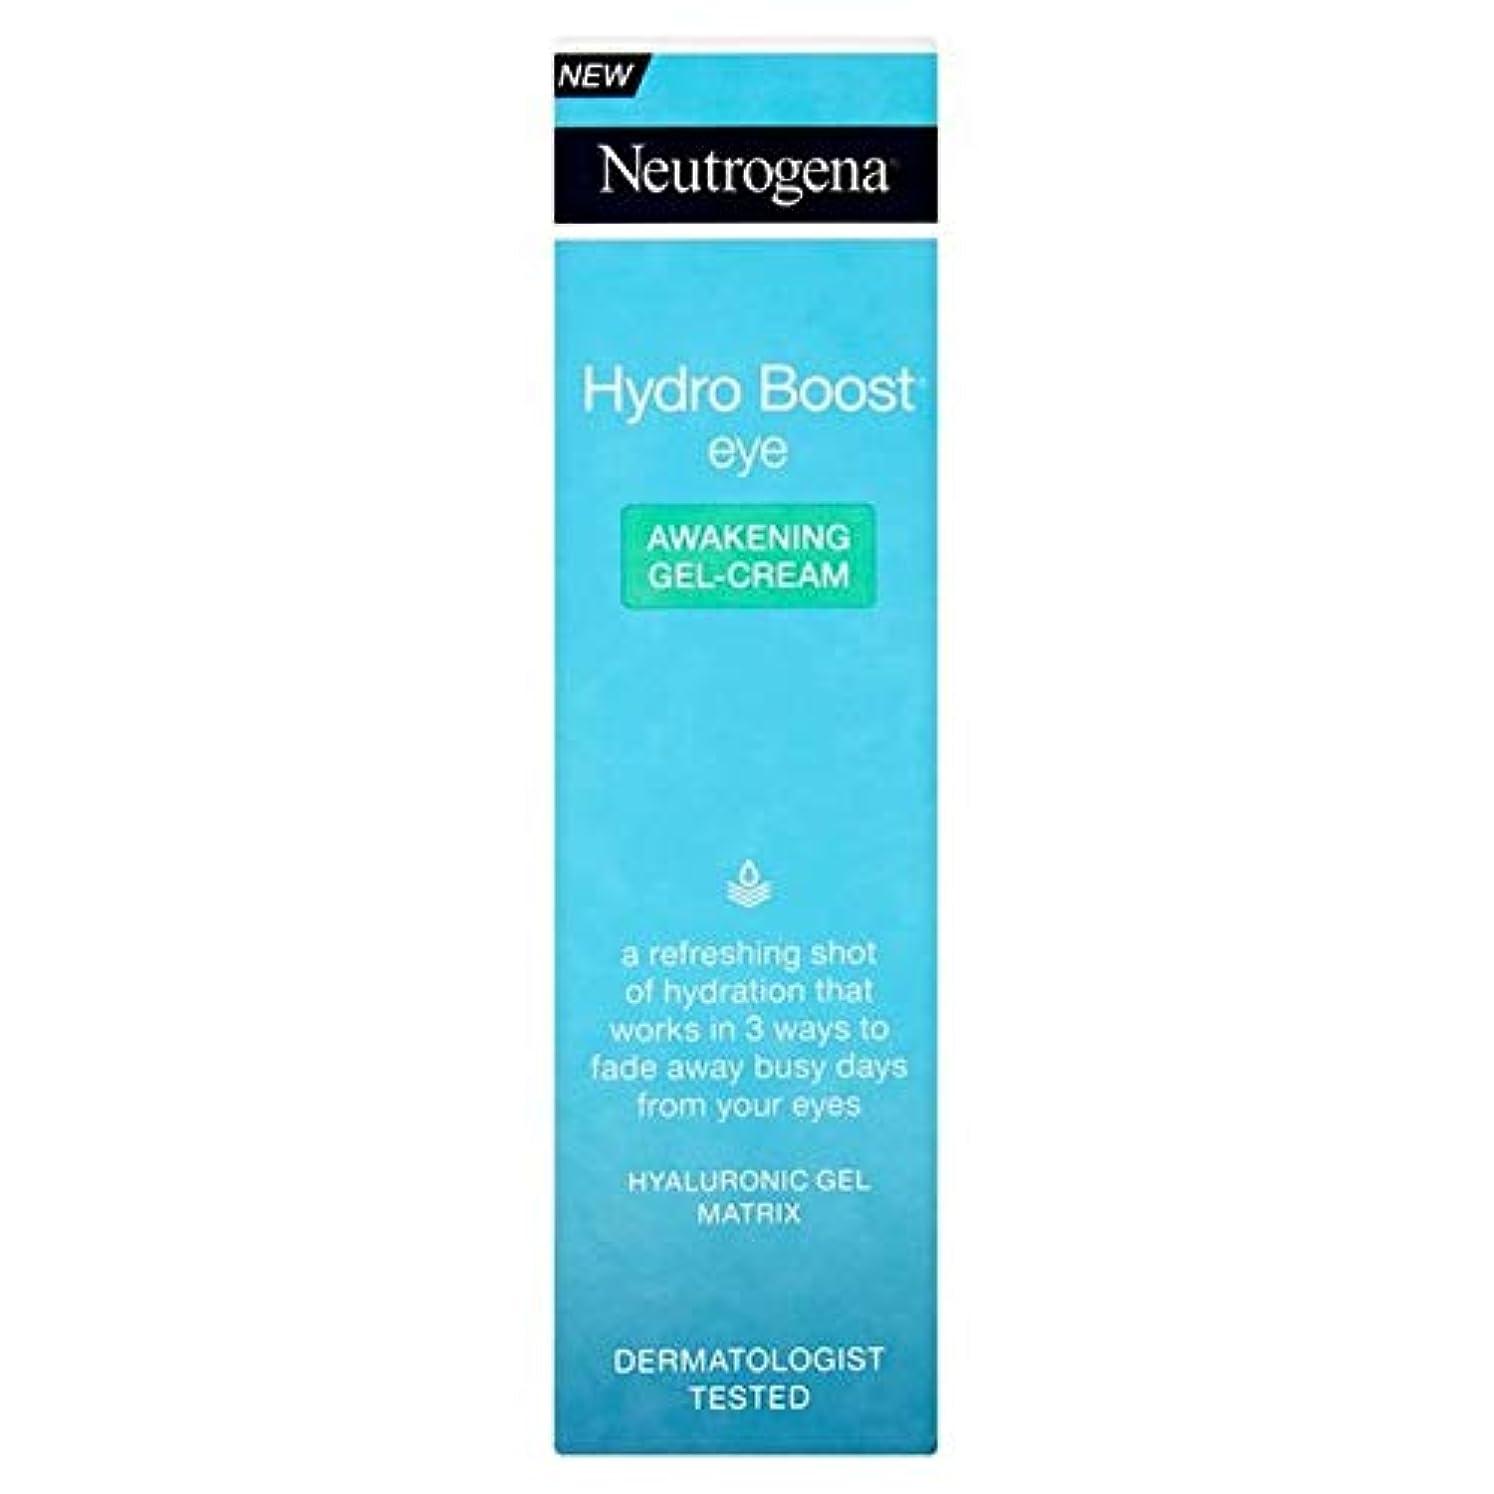 禁じる有名人アシスト[Neutrogena ] ニュートロジーナハイドロブーストアイ覚醒ゲルクリーム15Ml - Neutrogena Hydro Boost Eye Awakening Gel-Cream 15ml [並行輸入品]